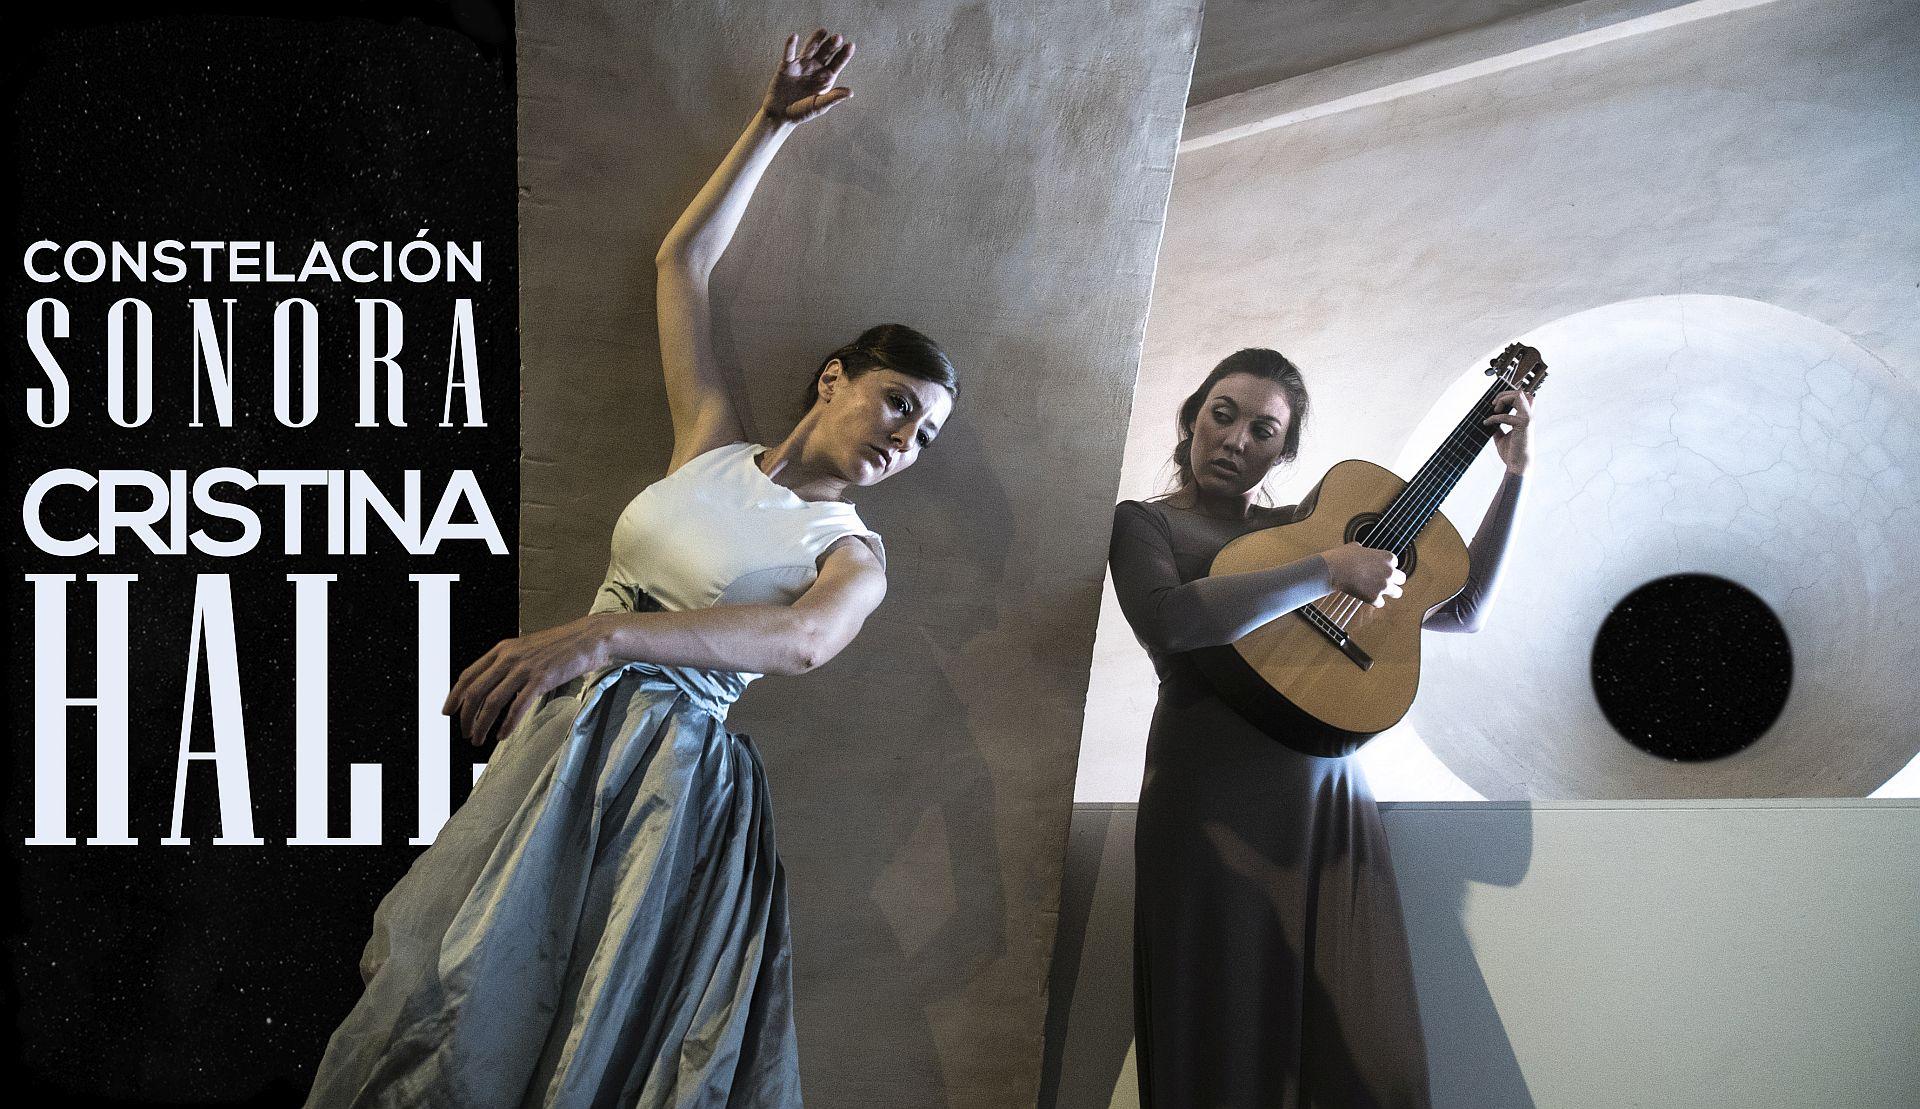 Cristina Hall - Constelación sonora